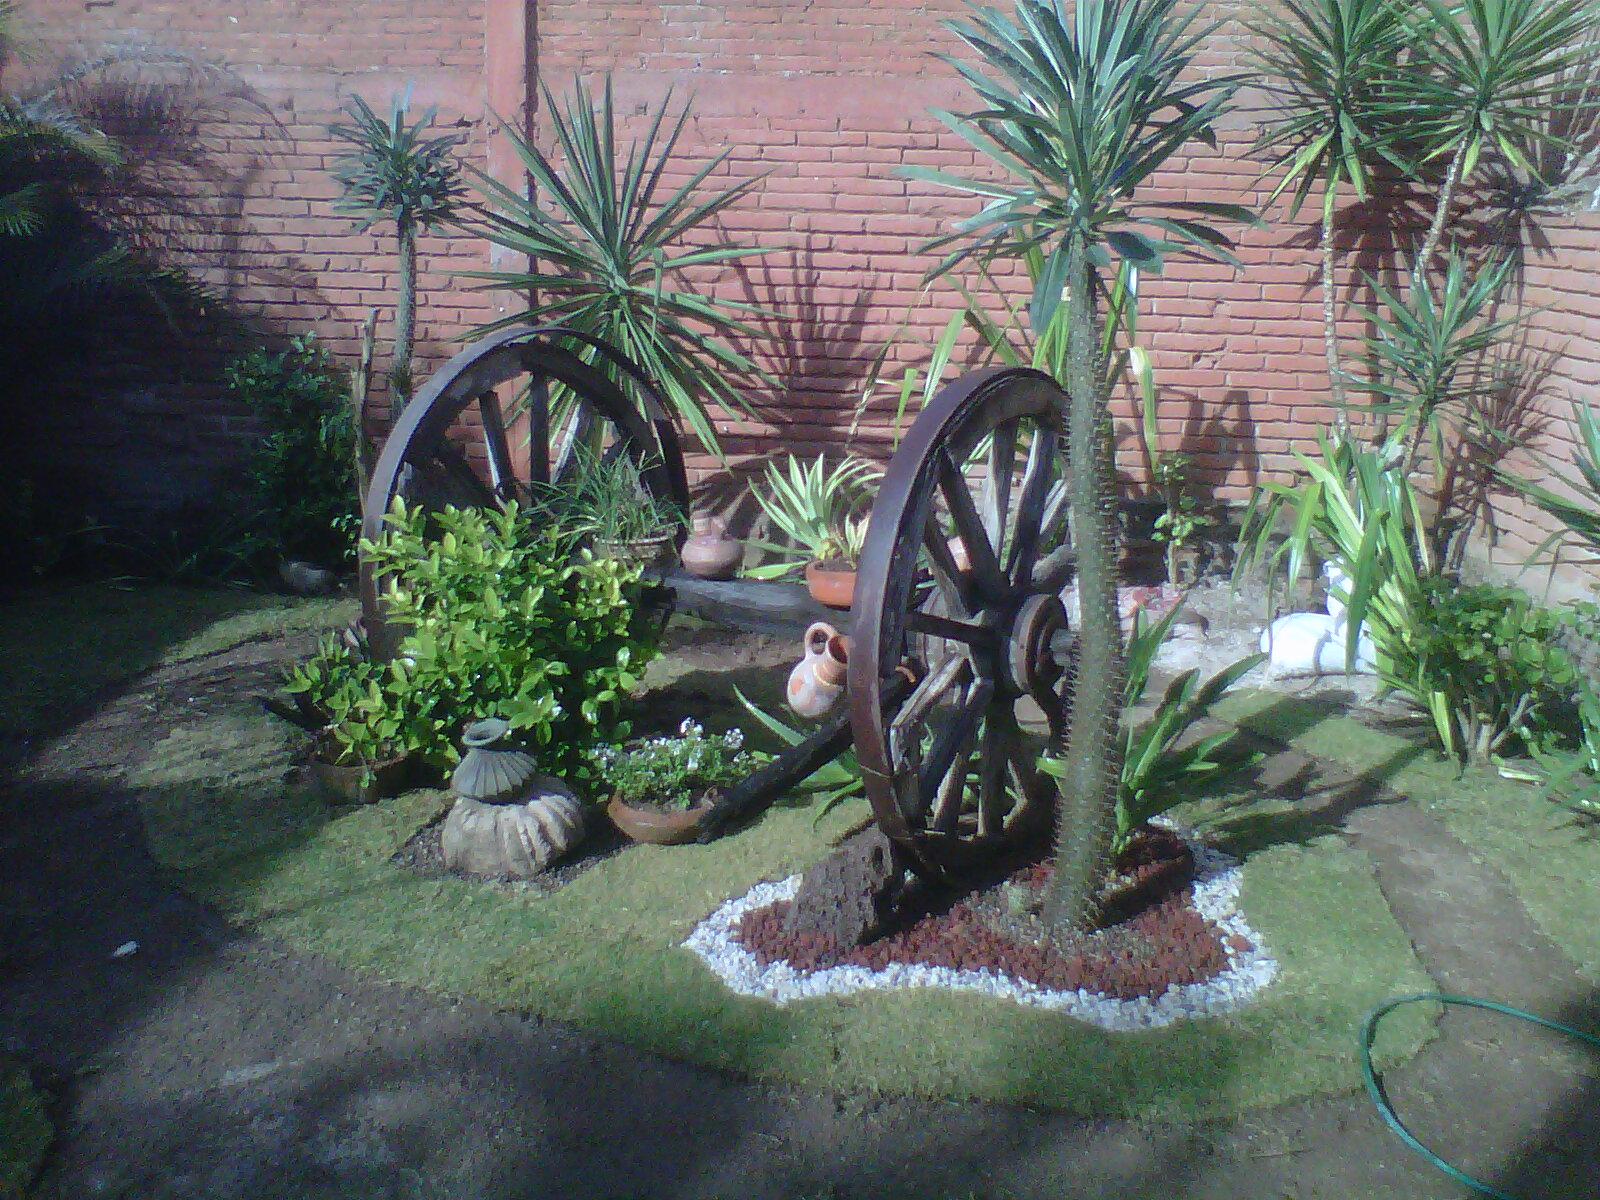 Dimant dise o y mantenimiento de jardines culiac n for Imagenes de disenos de jardines